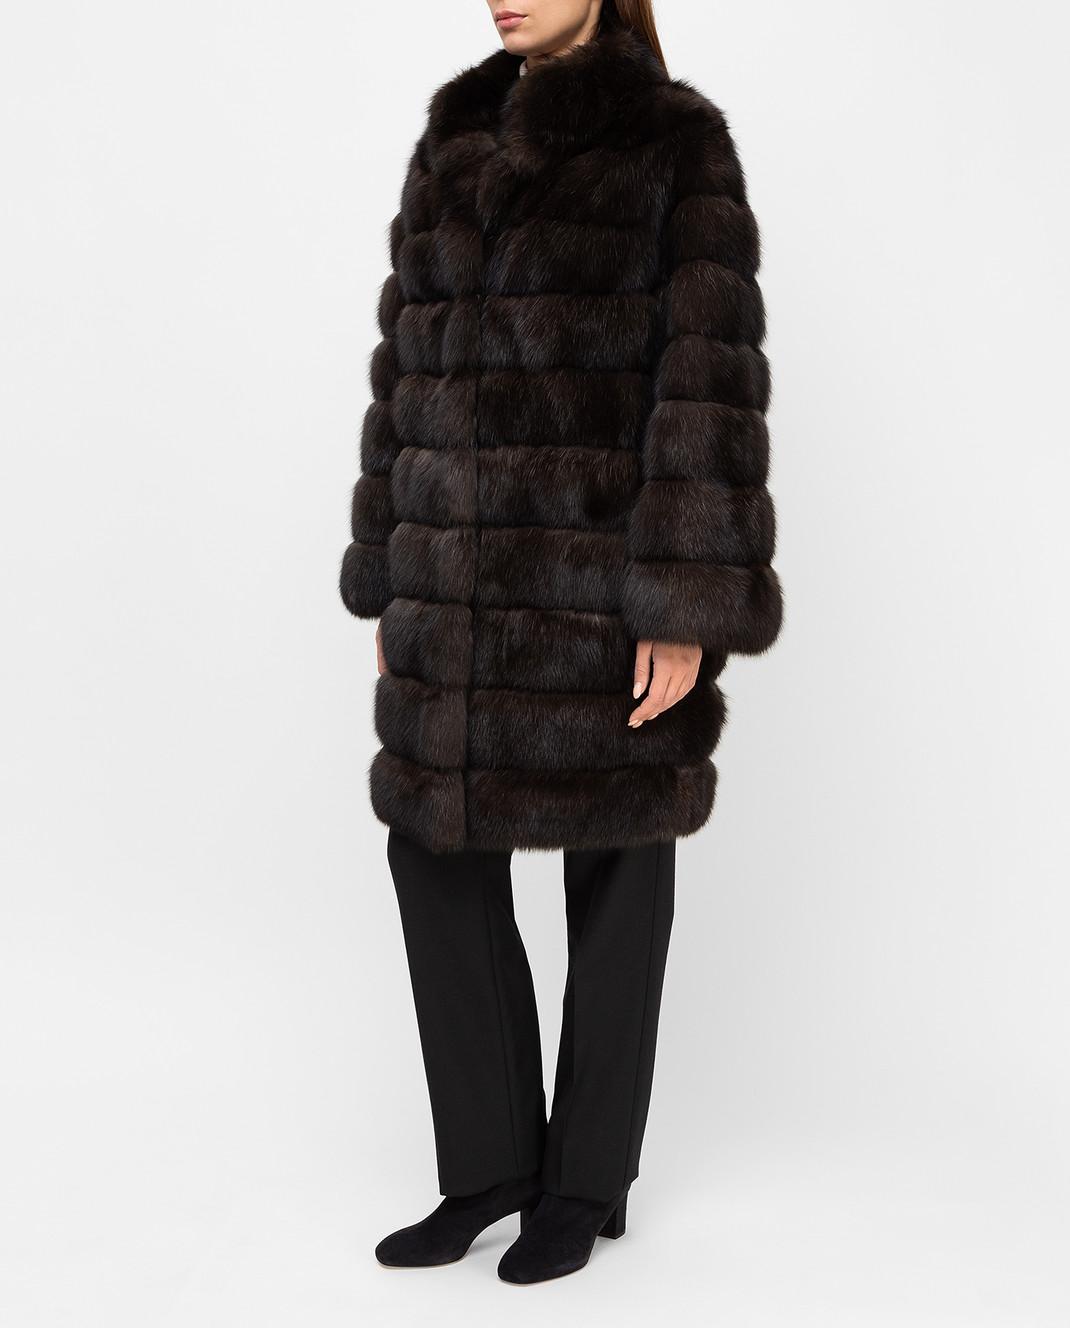 Real Furs House Темно-коричневая шуба из соболя SBR28622DARKSILV290 изображение 3